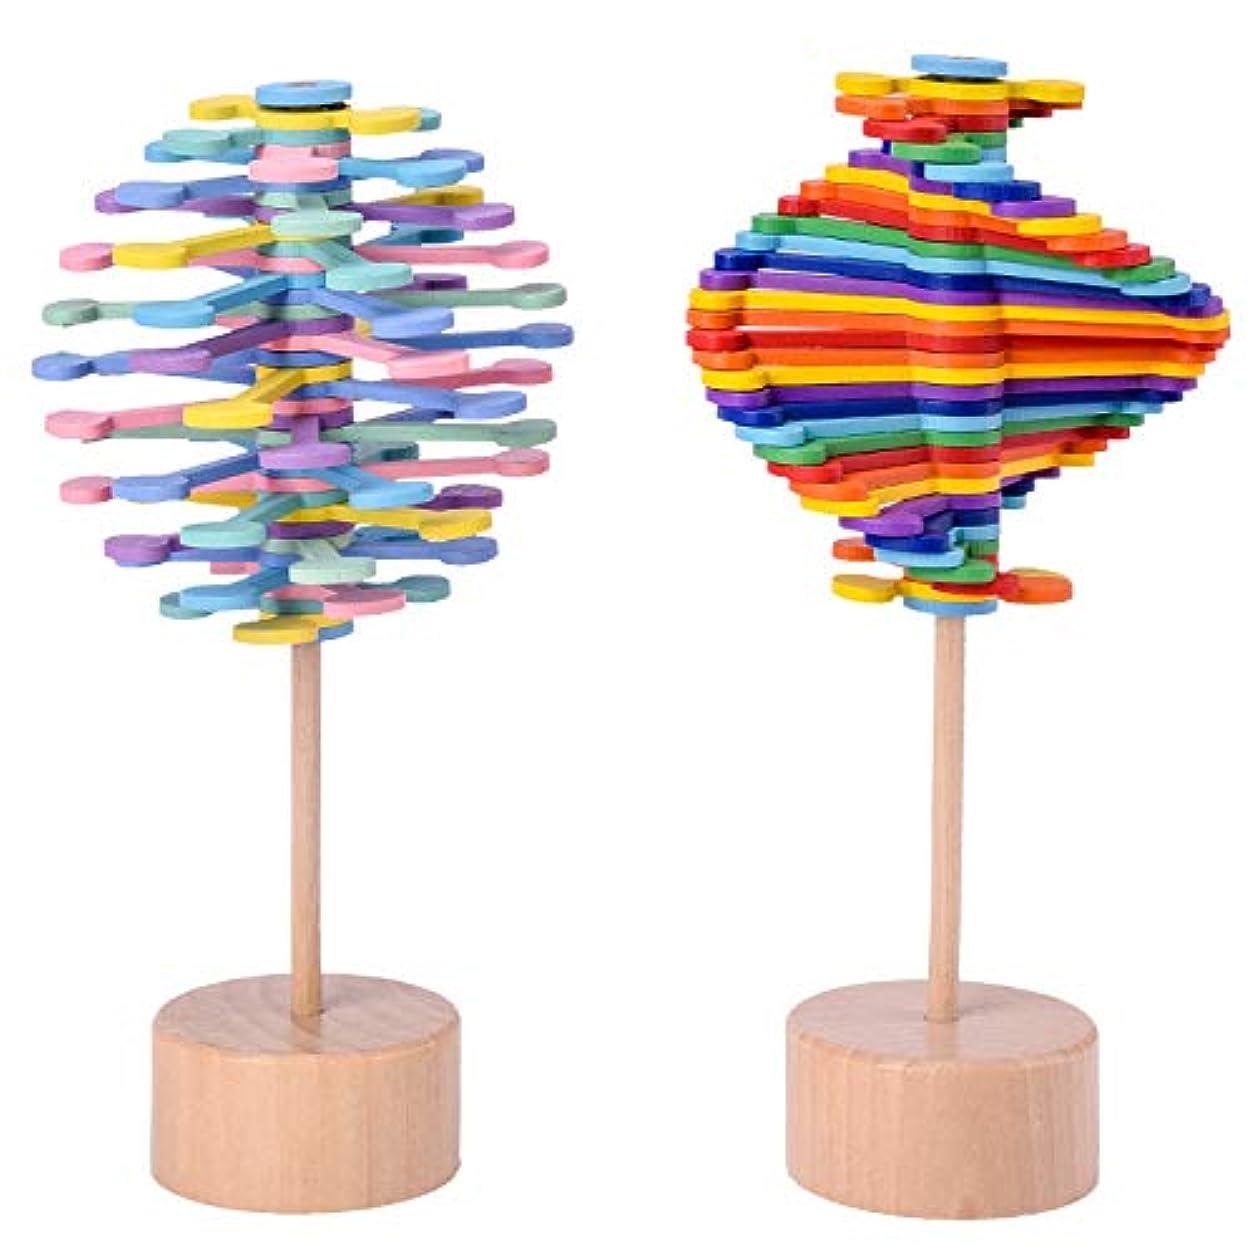 ジャグリングクルーズ化学者フィボナッチツリー,lollipopter、回転、費氏数列、創意的な置物、ストレス解消玩具、ストレス軽減 (A)